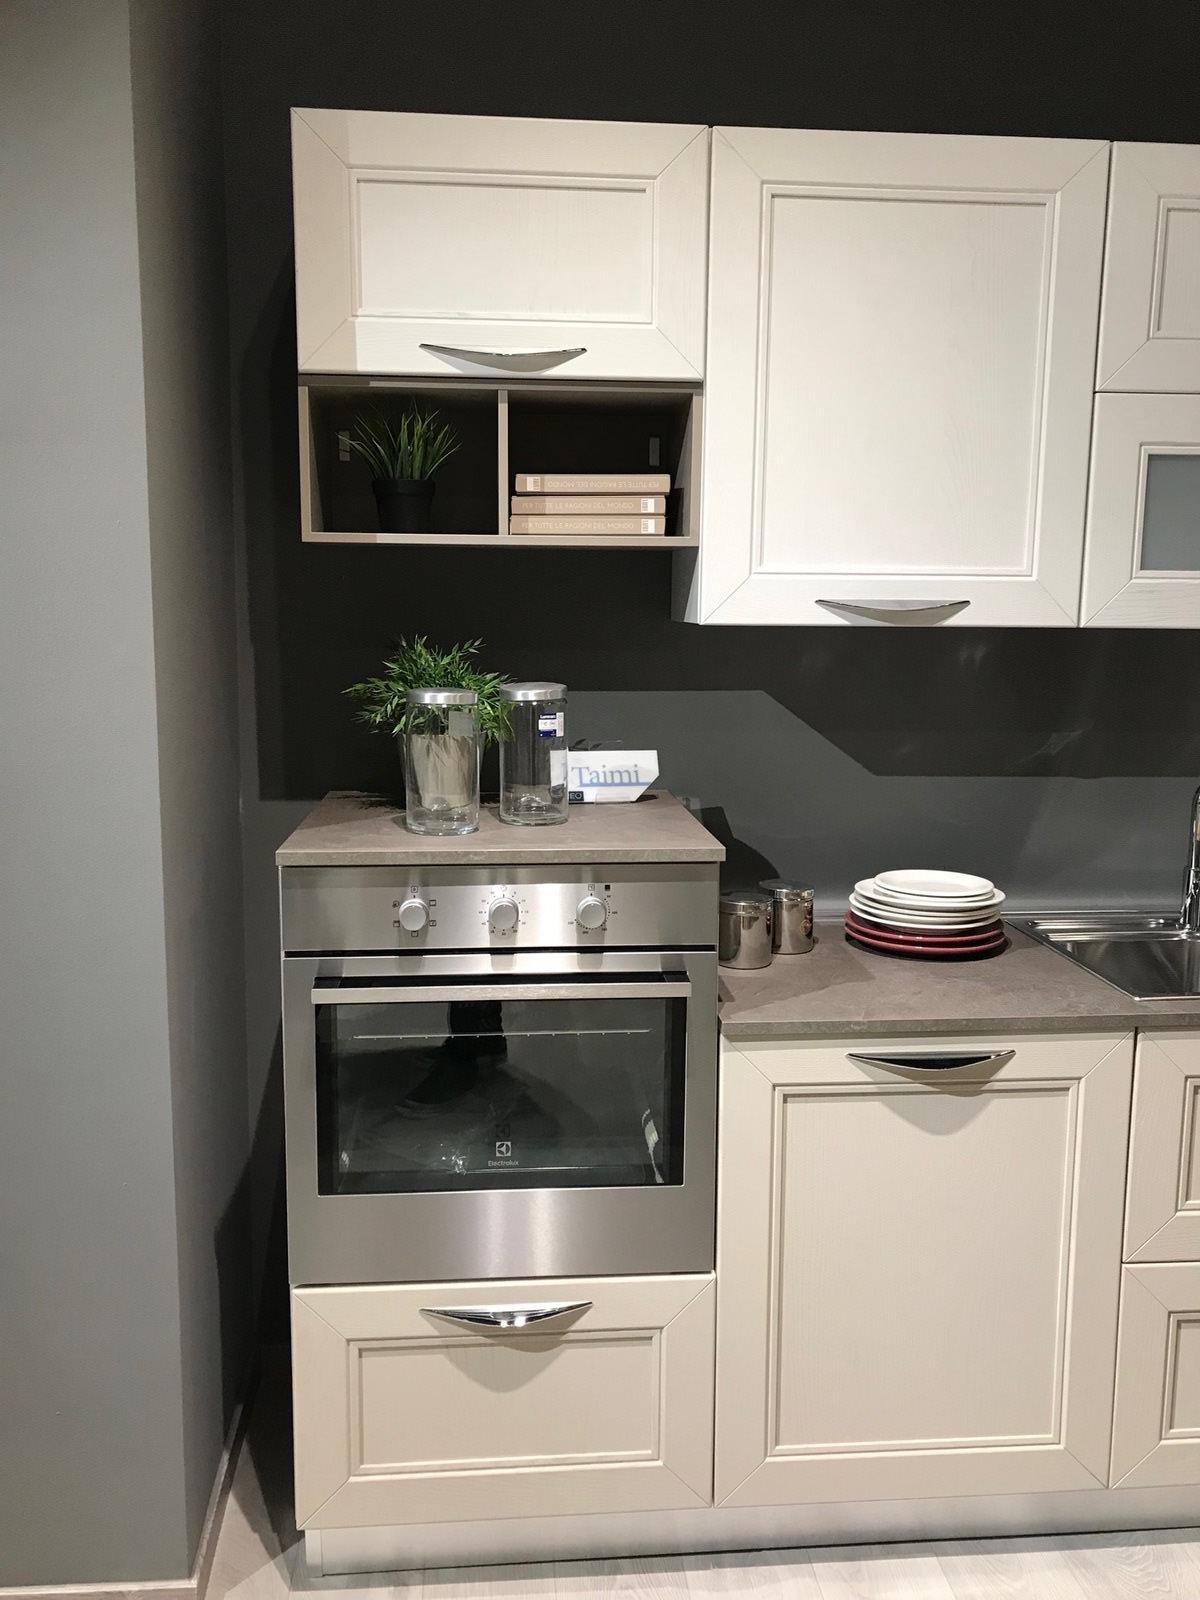 Cucina Lube Creo In Legno Completa Di Elettrodomestici Rafaschieri Arredamenti